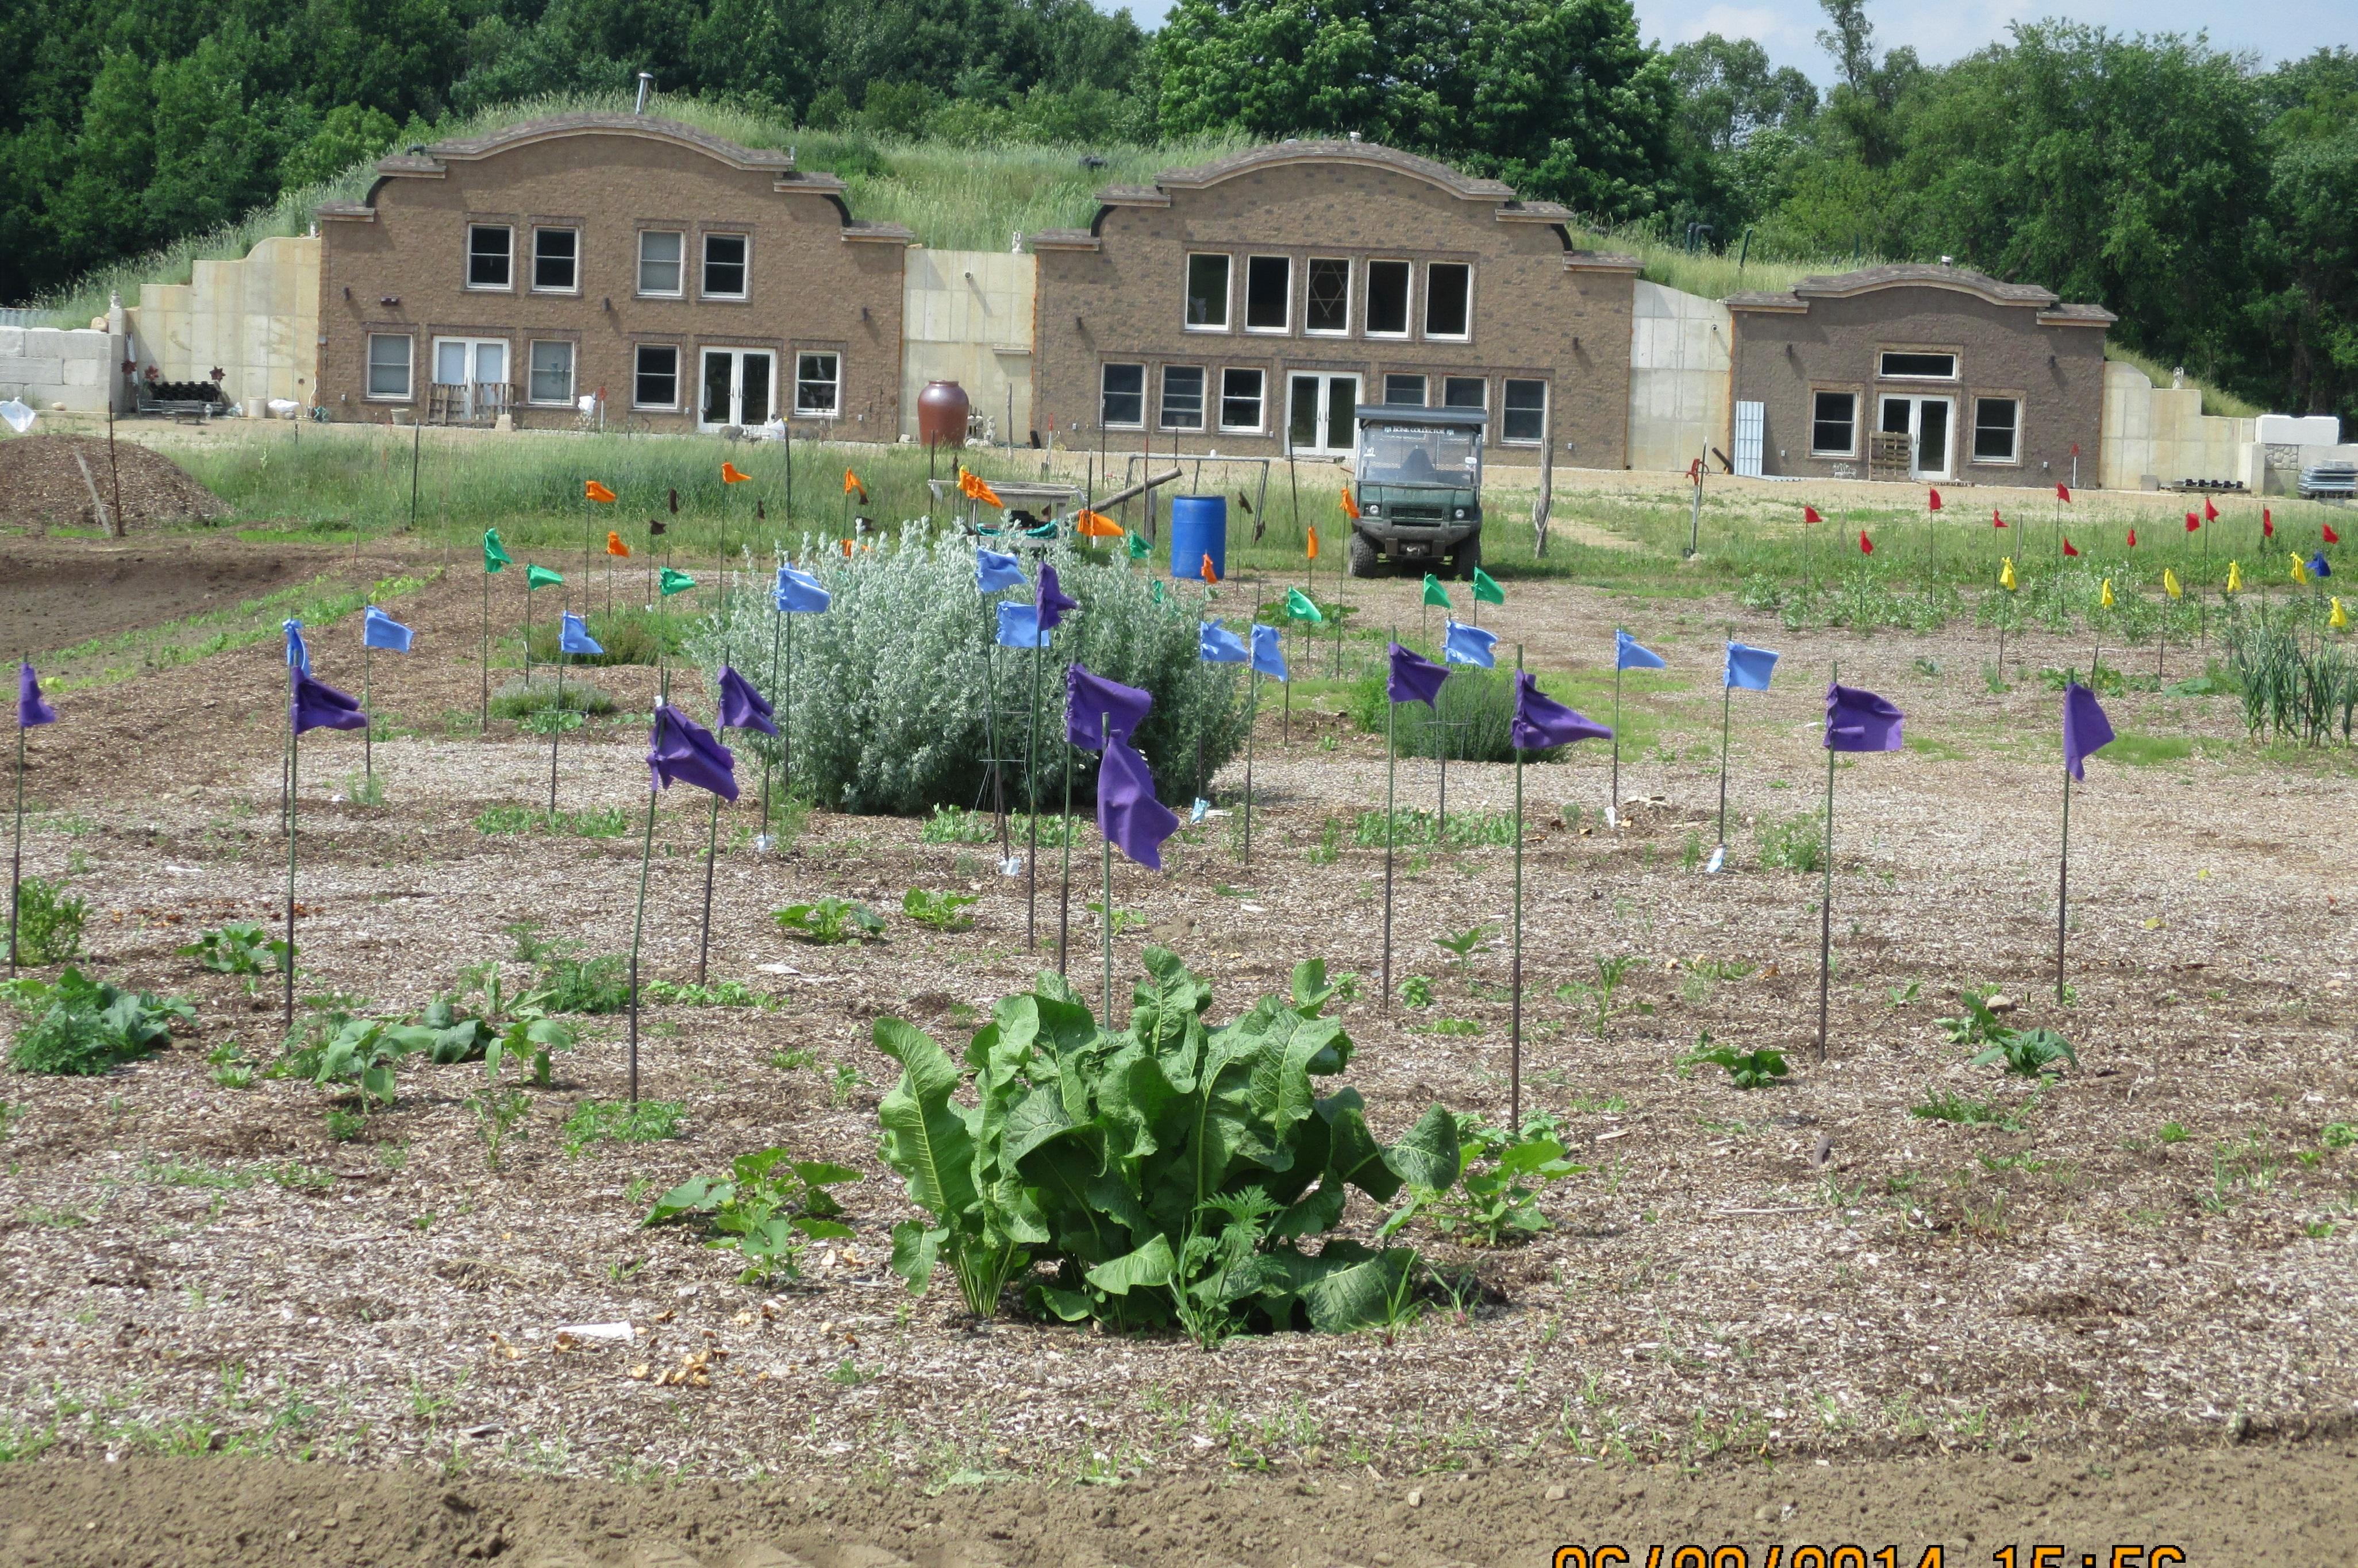 Colored Flags Organize the Garden